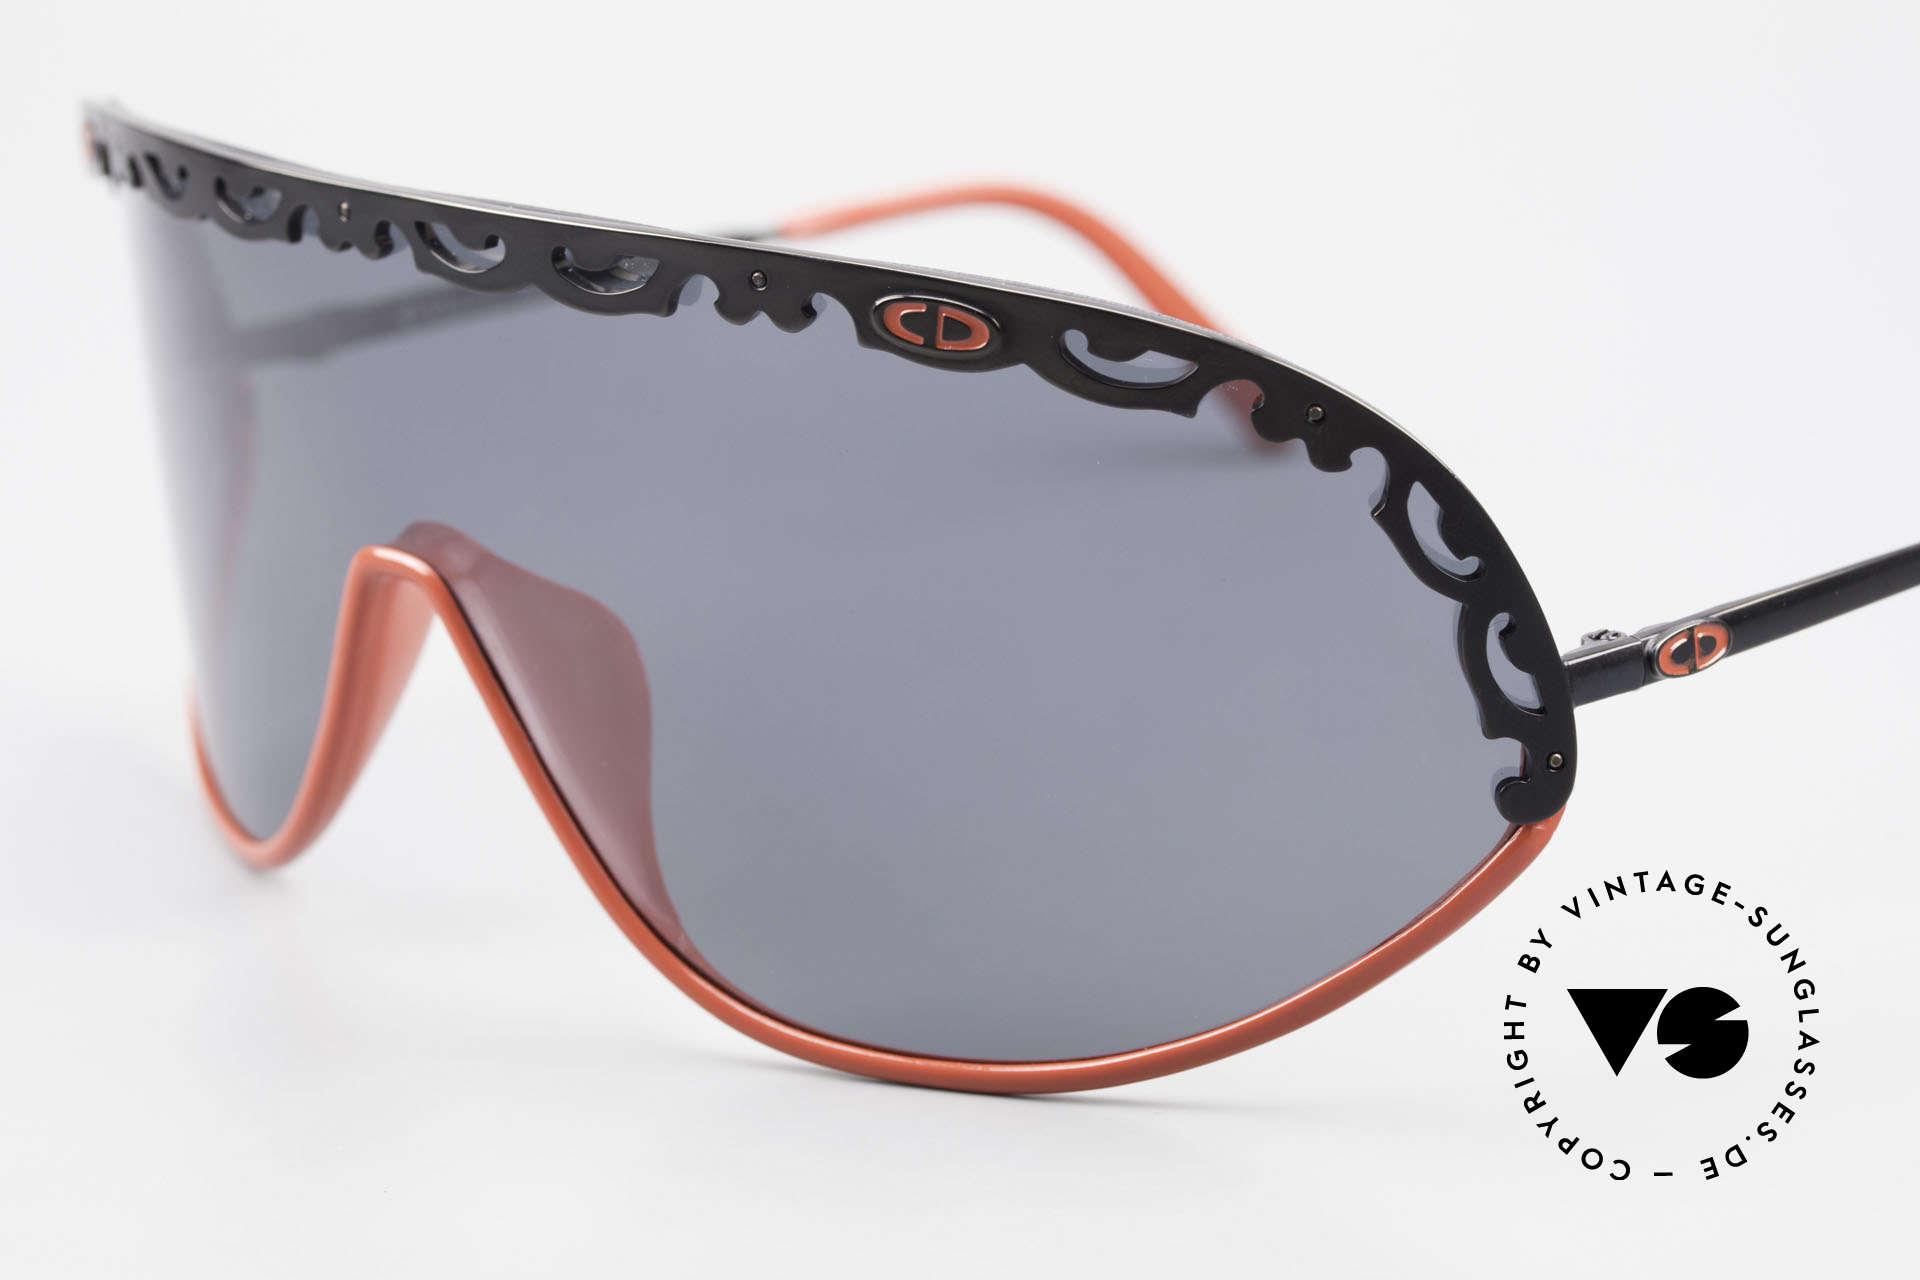 Christian Dior 2501 Polarisierende Sonnenbrille, funktionales Designerstück mit polarisierender Scheibe, Passend für Damen